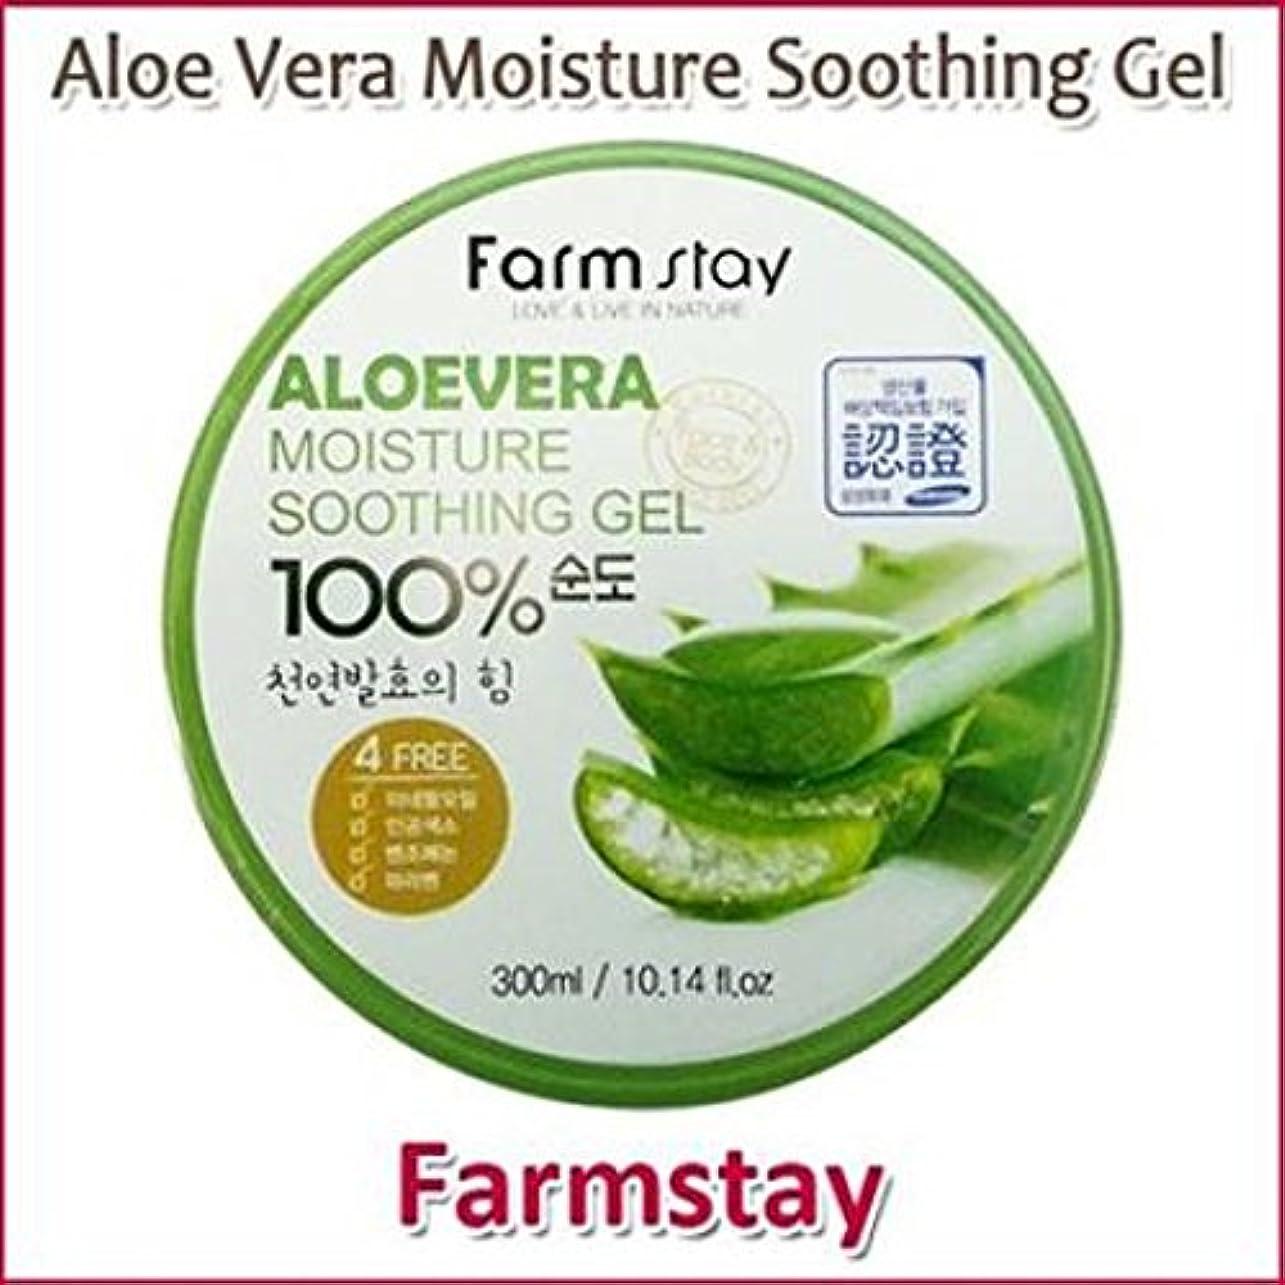 悪名高い看板ダーツFarm Stay Aloe Vera Moisture Soothing Gel 300ml /オーガニック アロエベラゲル 100%/保湿ケア/韓国コスメ/Aloe Vera 100% /Moisturizing [並行輸入品]